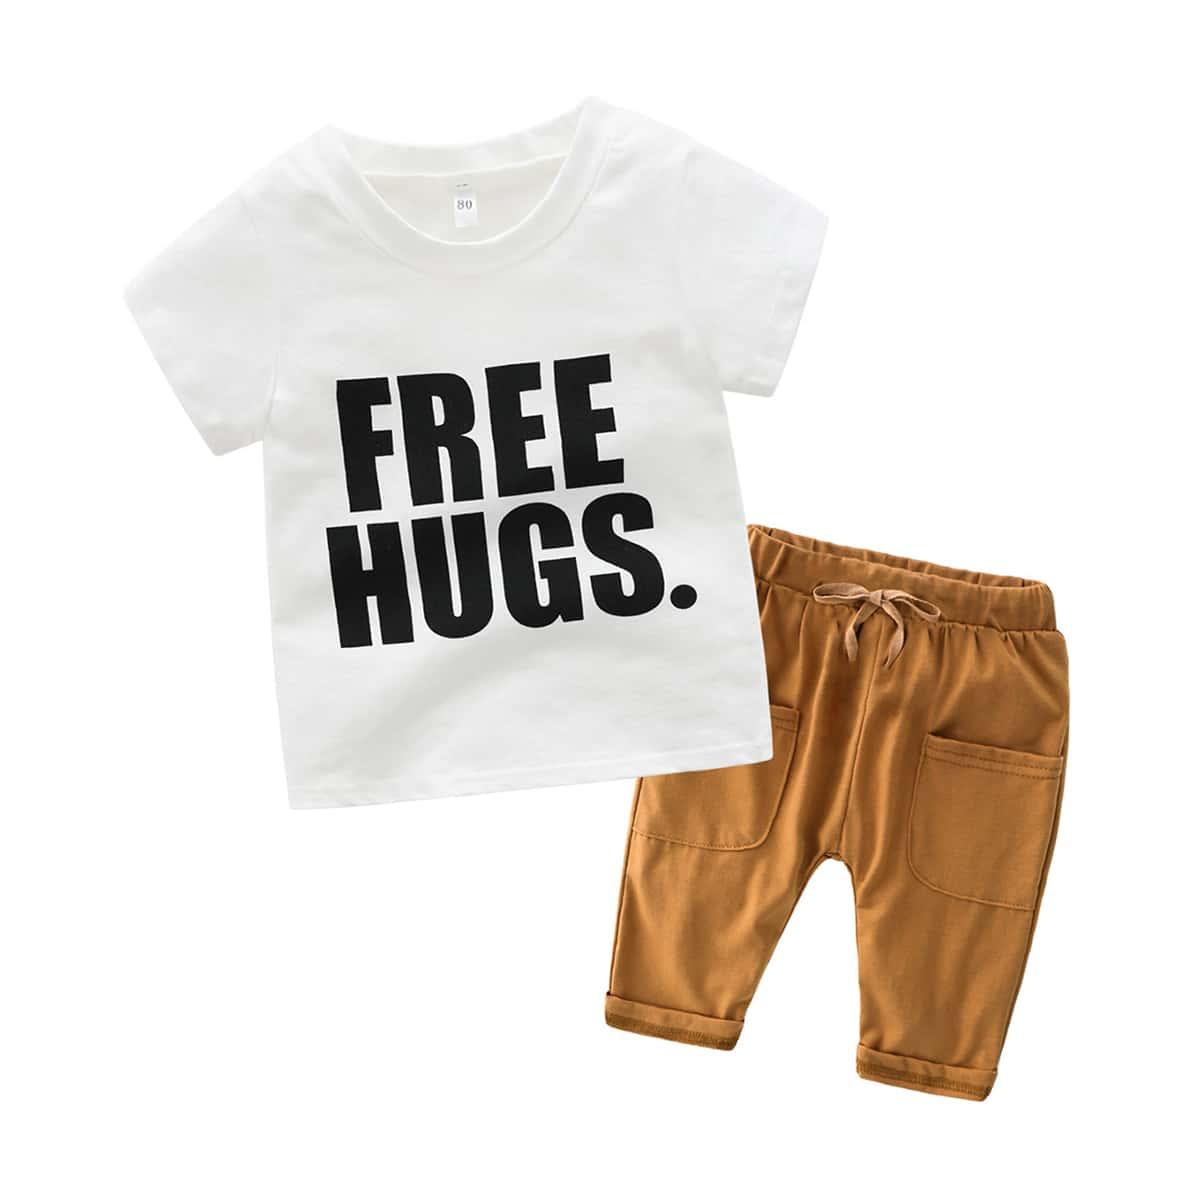 Футболка с текстовым принтом и брюки с кулиской для маленьких мальчиков от SHEIN